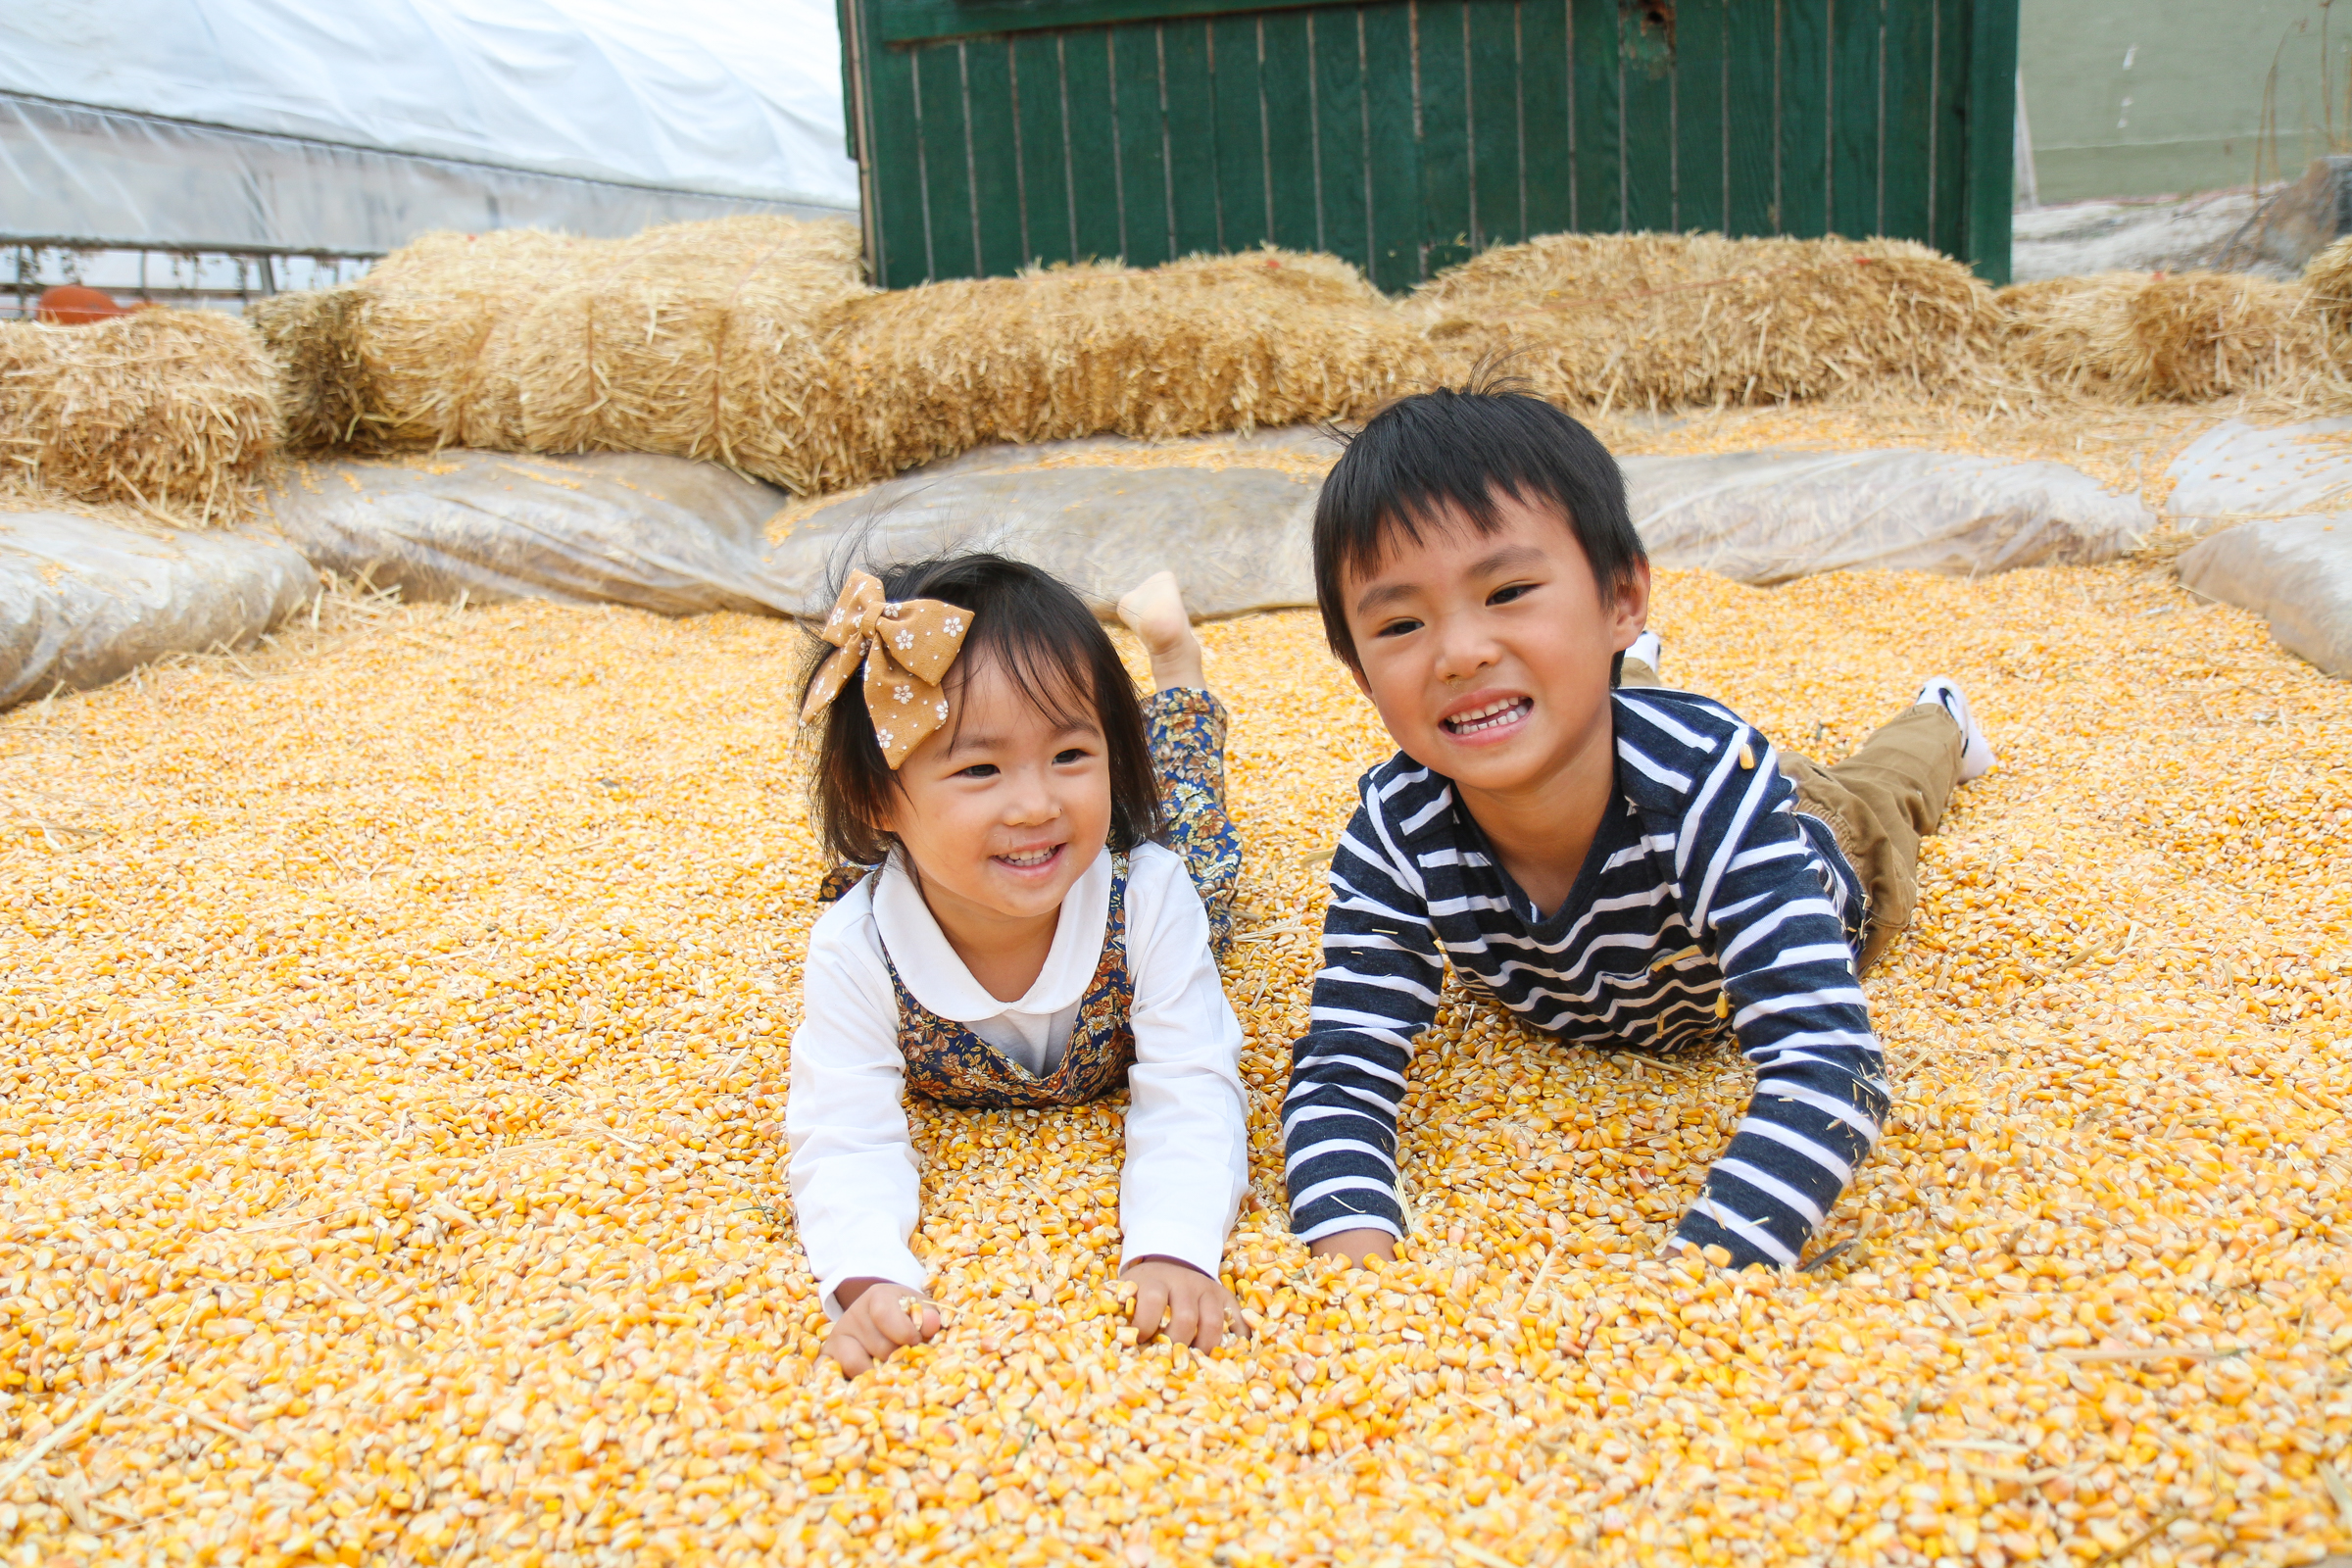 Toddler kids playing in corn